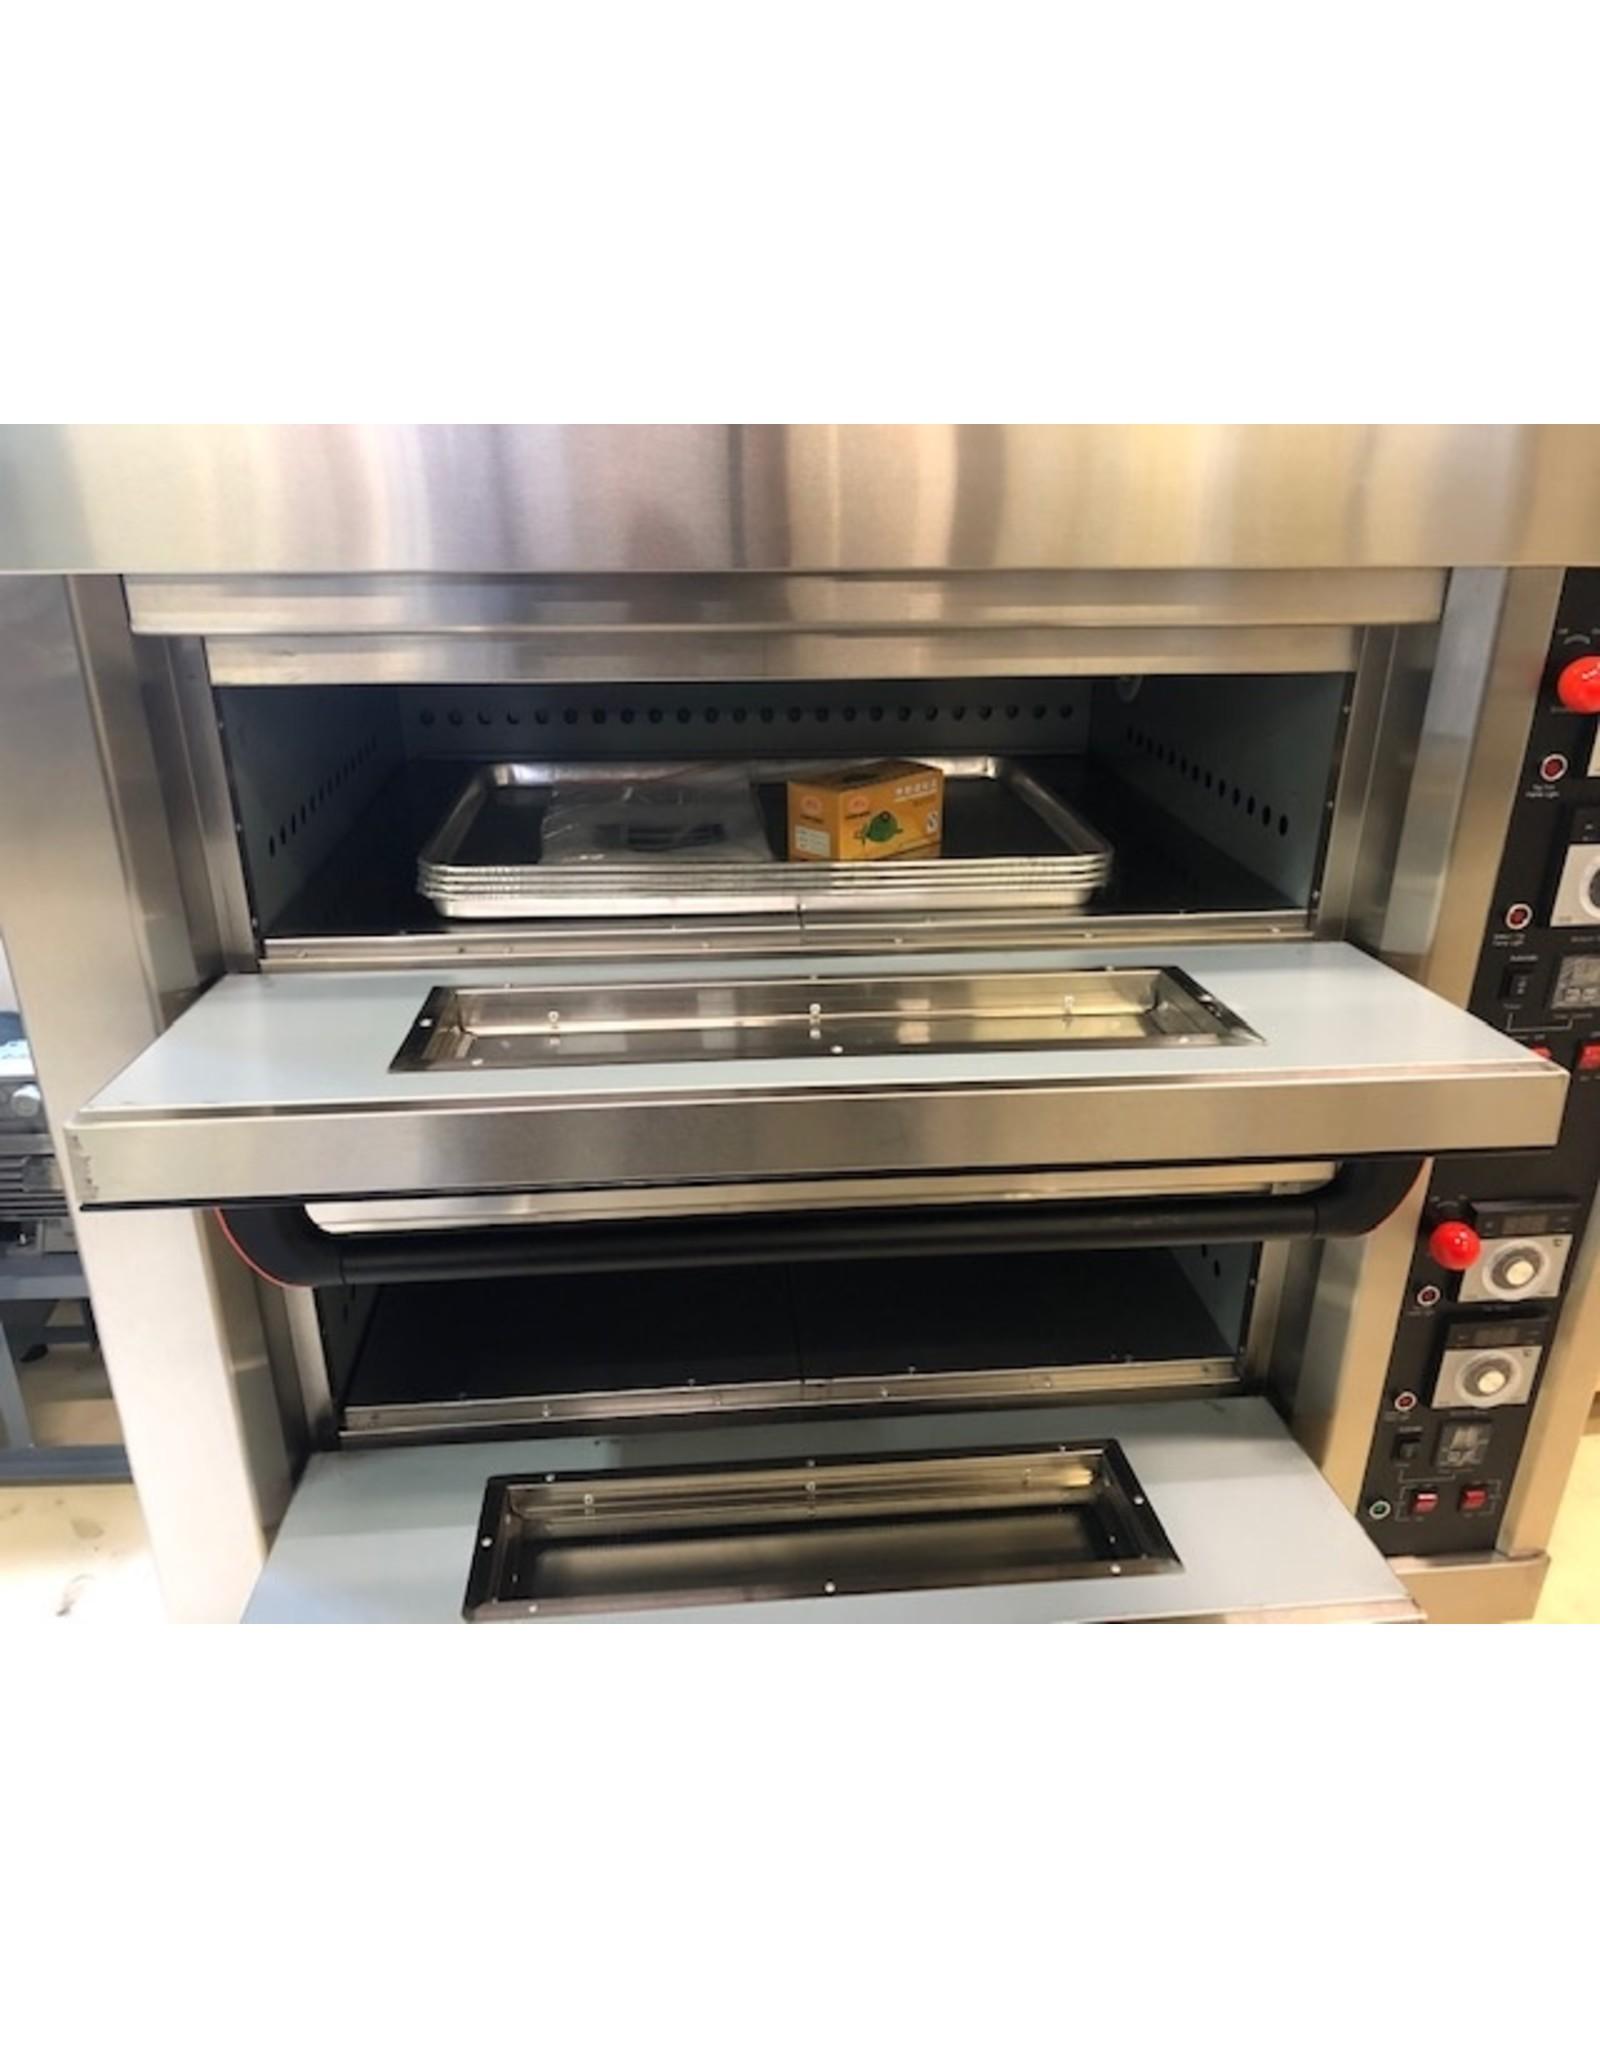 Q-Gastro Q-Gastro bakkerij Pizza/Brood Oven op wielen (nieuw) - 135 cm oven op aardgas